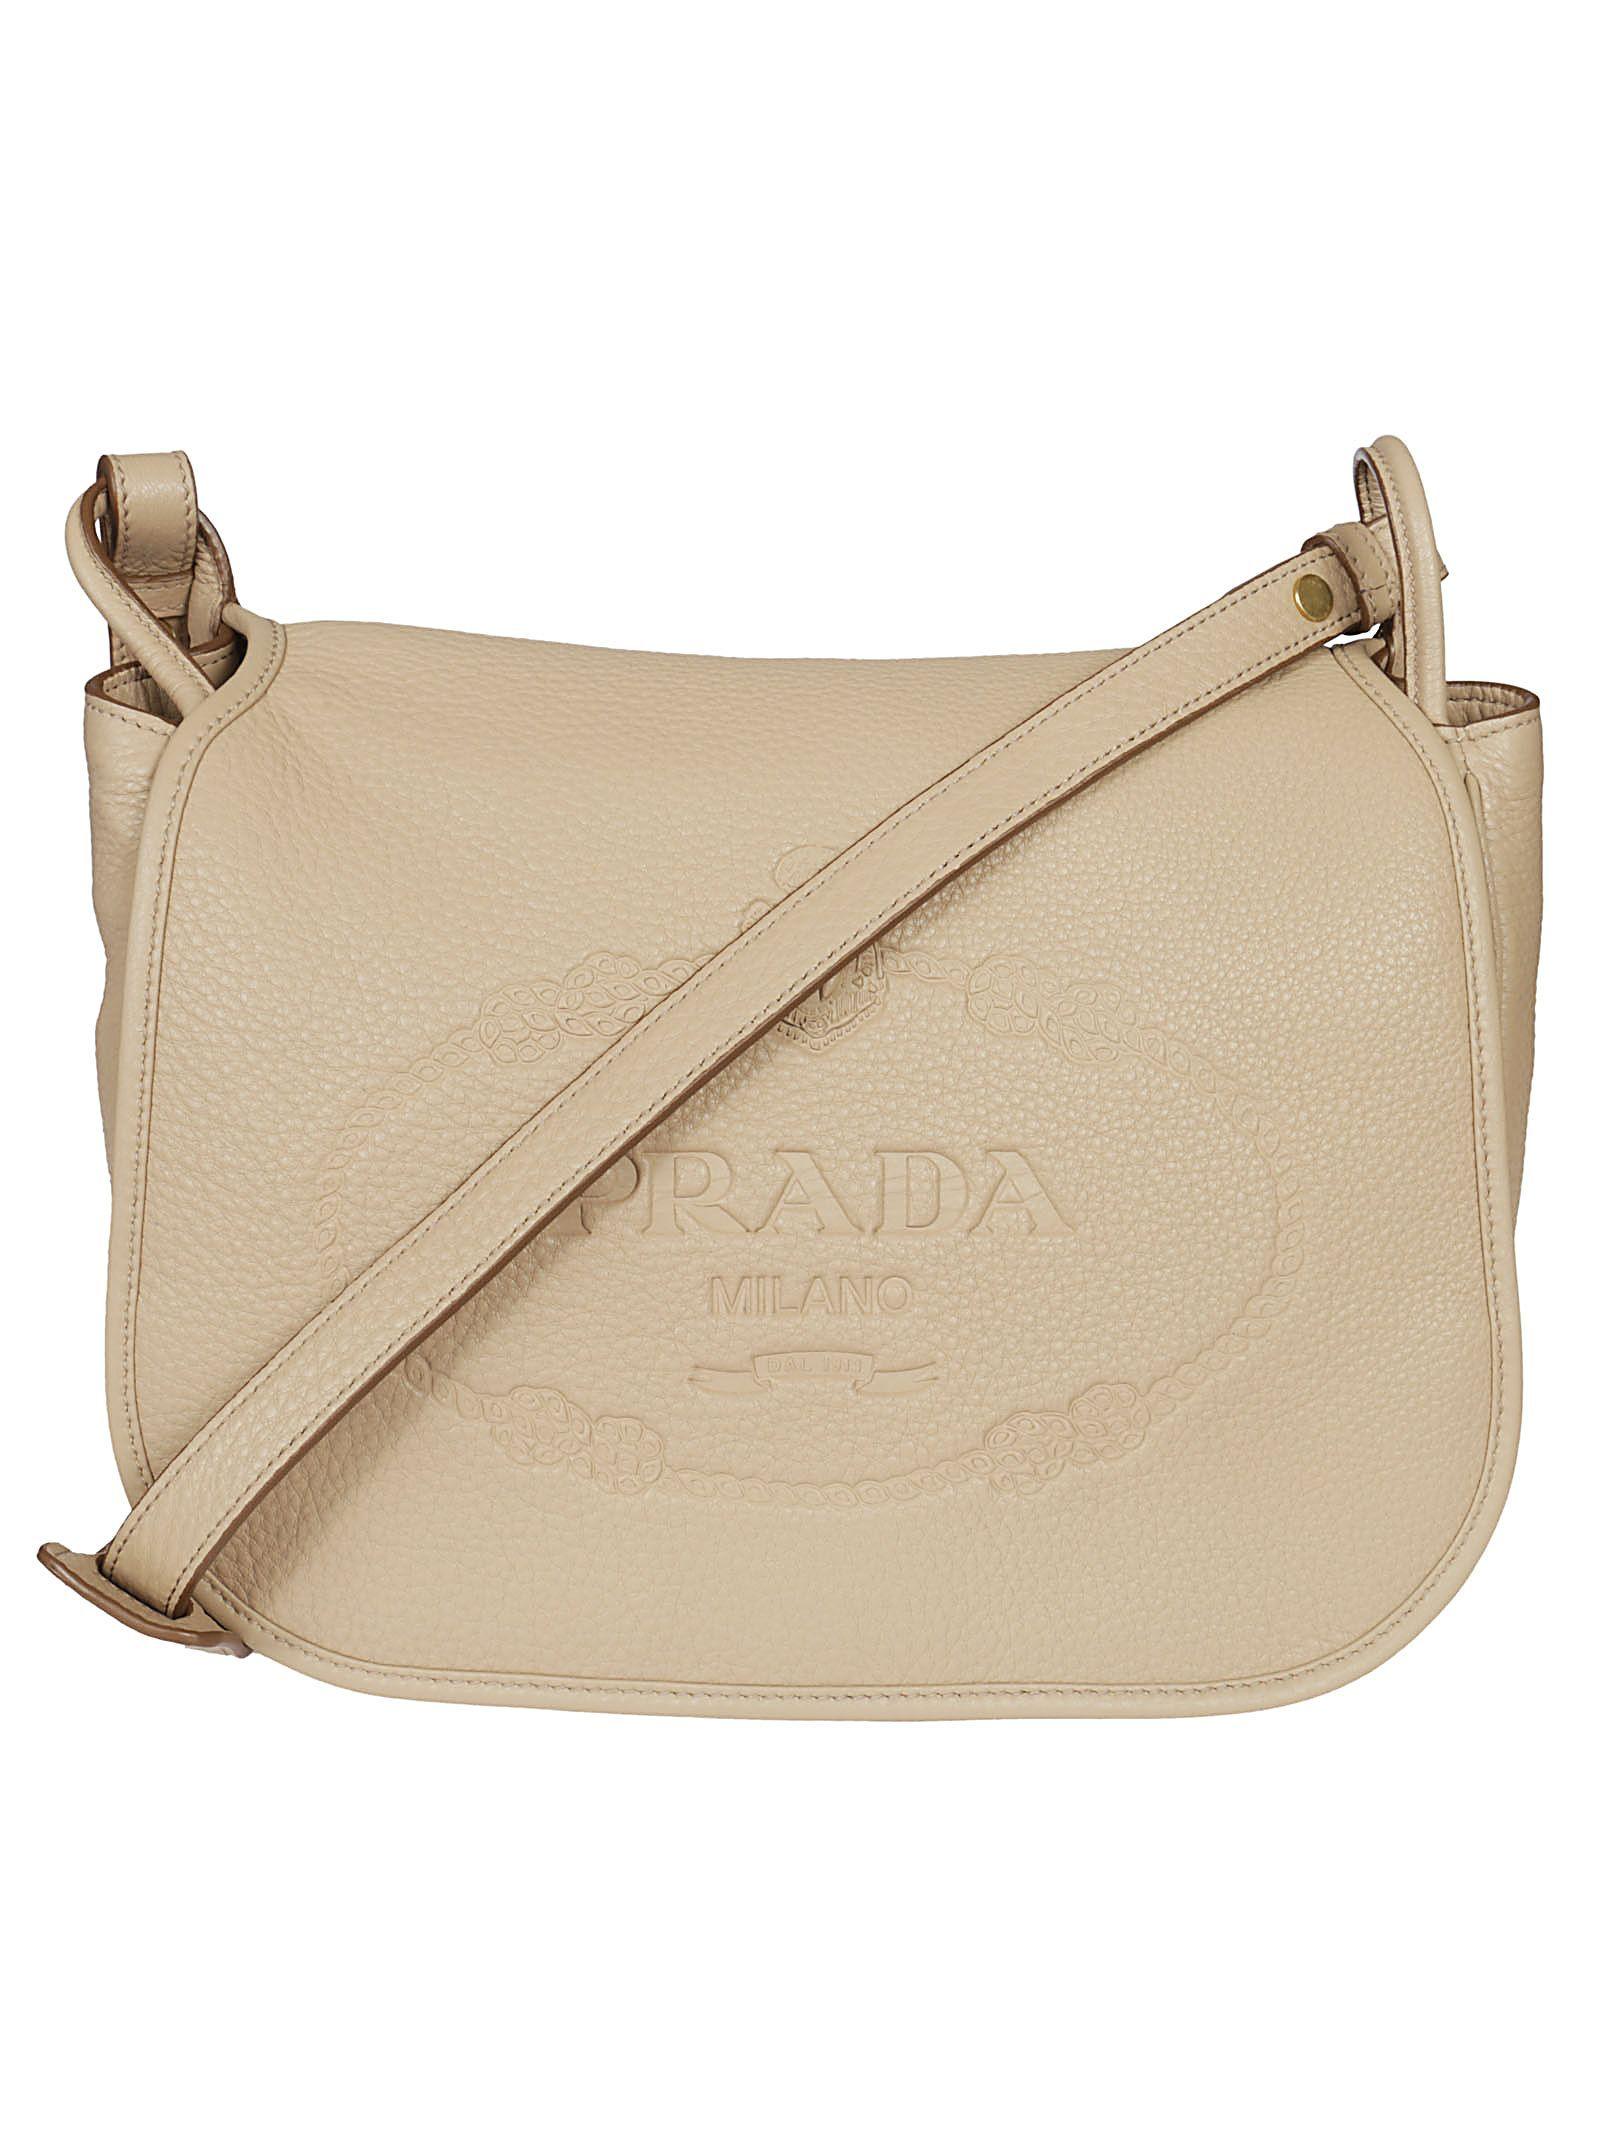 2e913997dd PRADA LOGO EMBOSSED SHOULDER BAG.  prada  bags  shoulder bags  leather